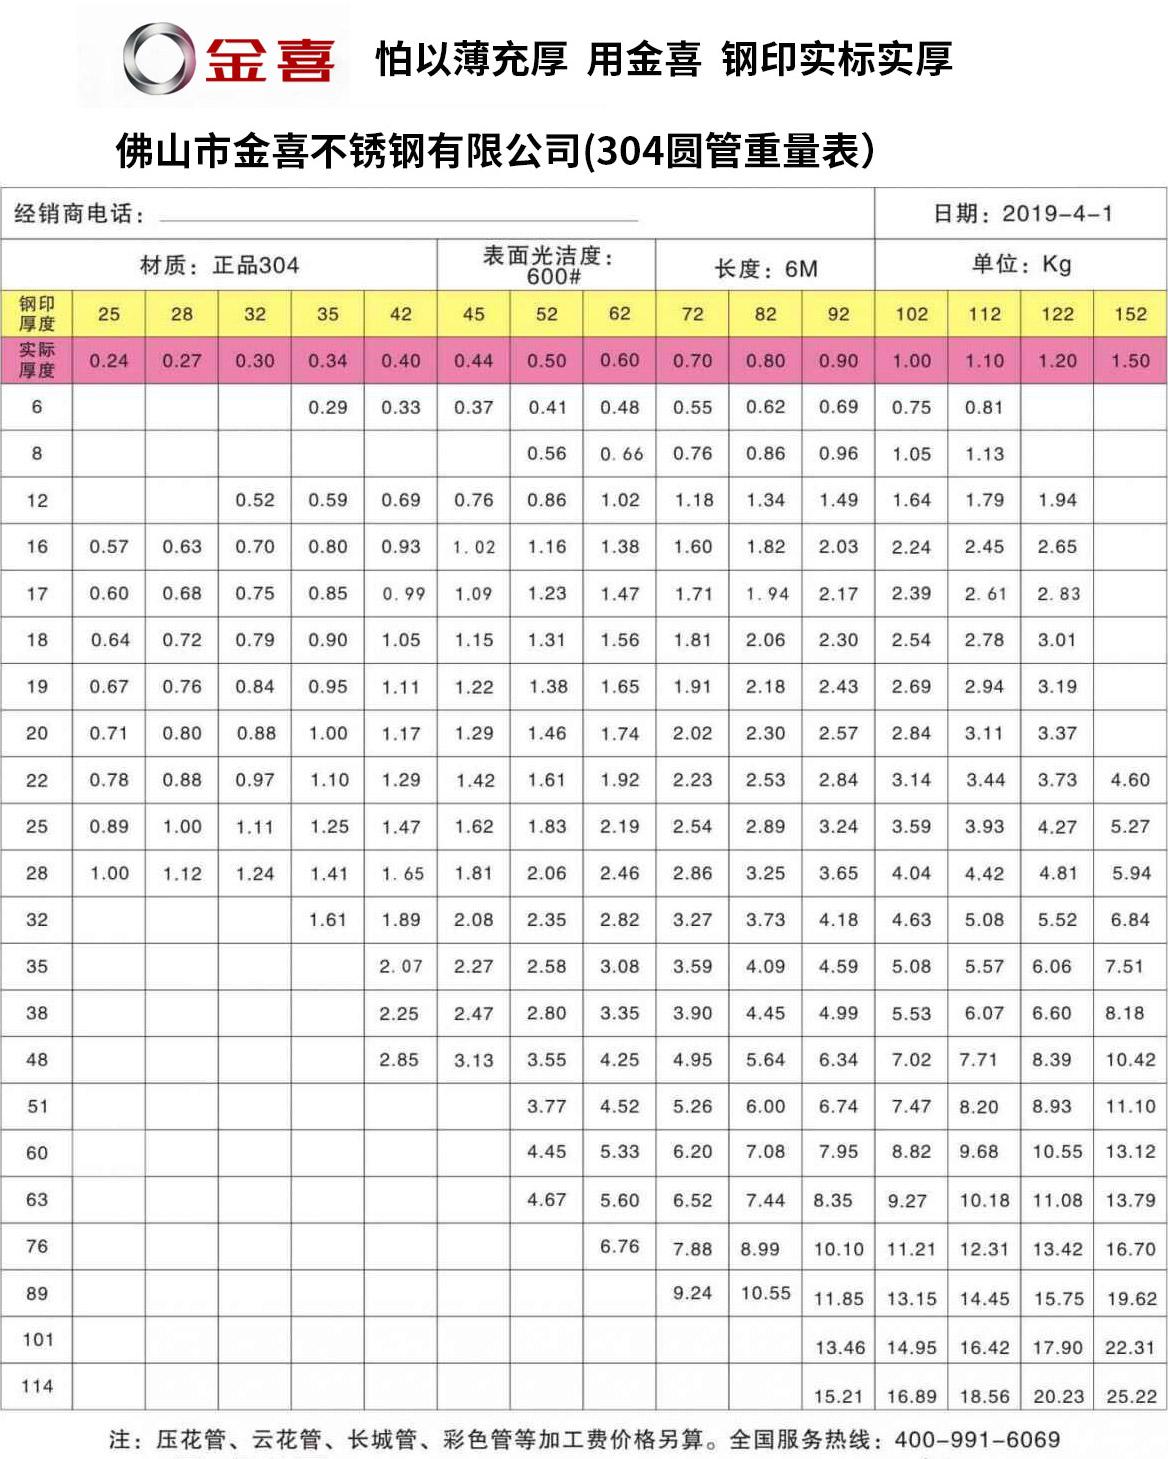 金喜圆管重量表